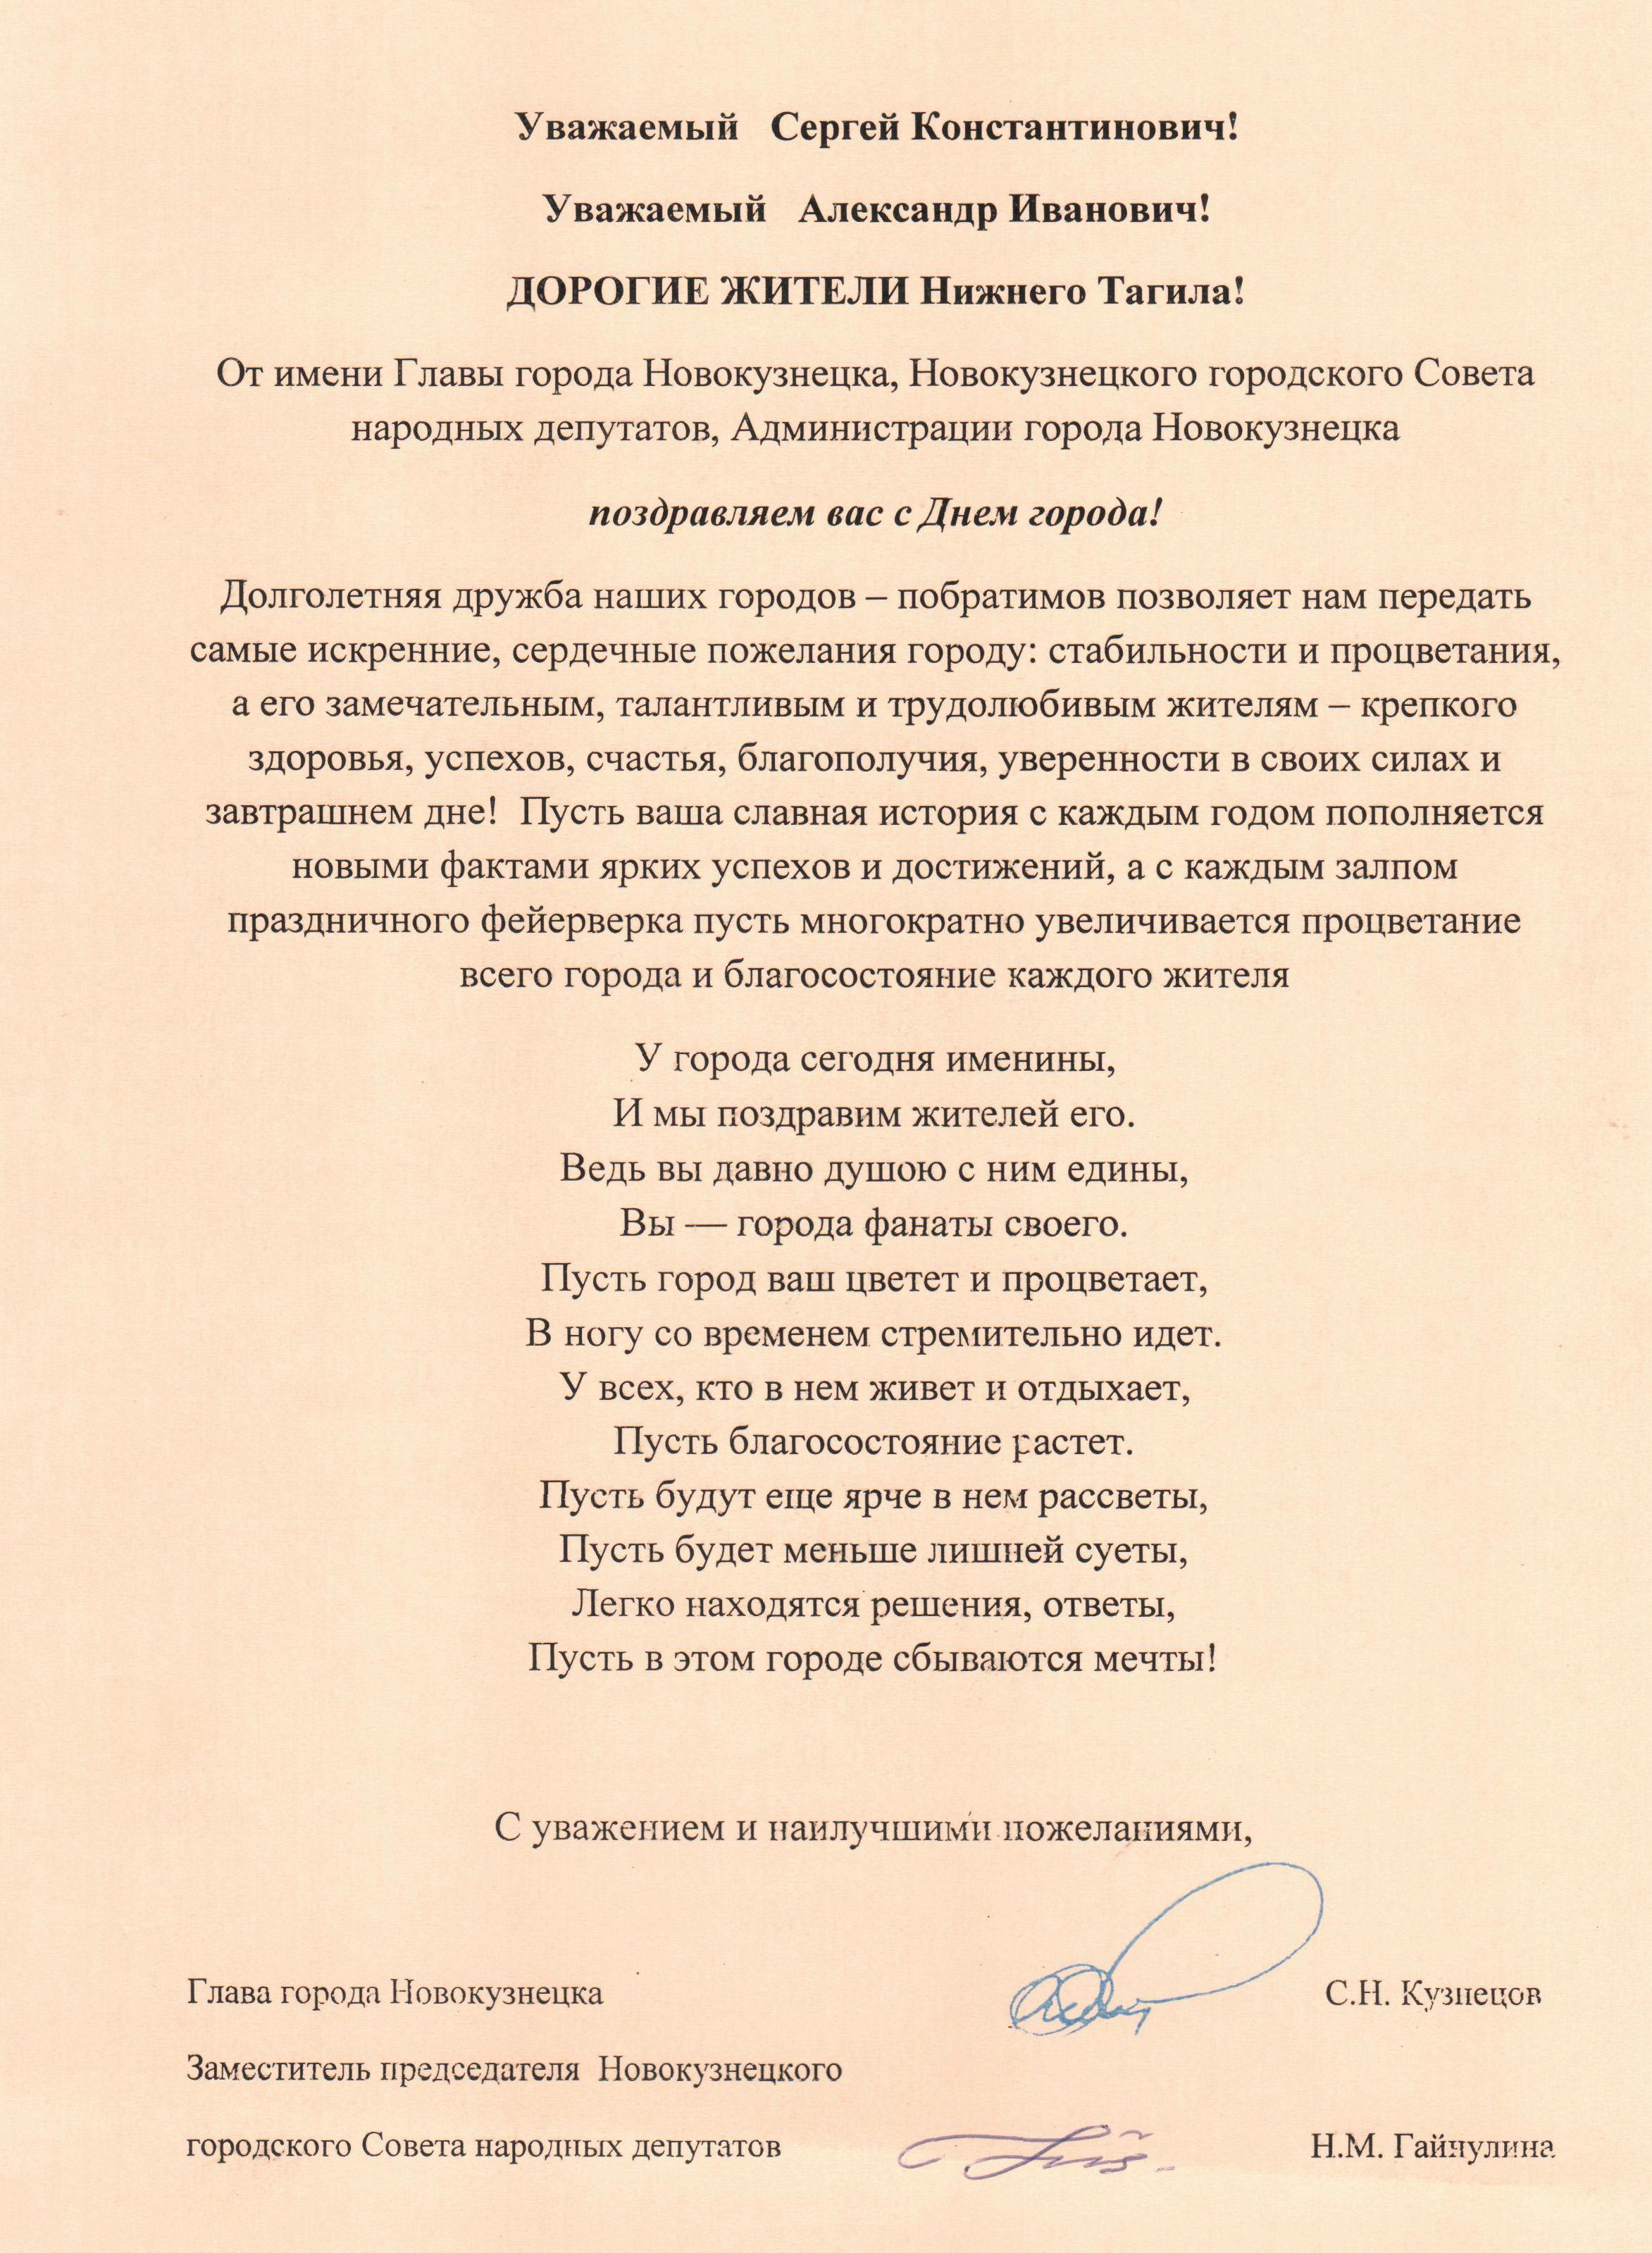 Поздравления с новокузнецка